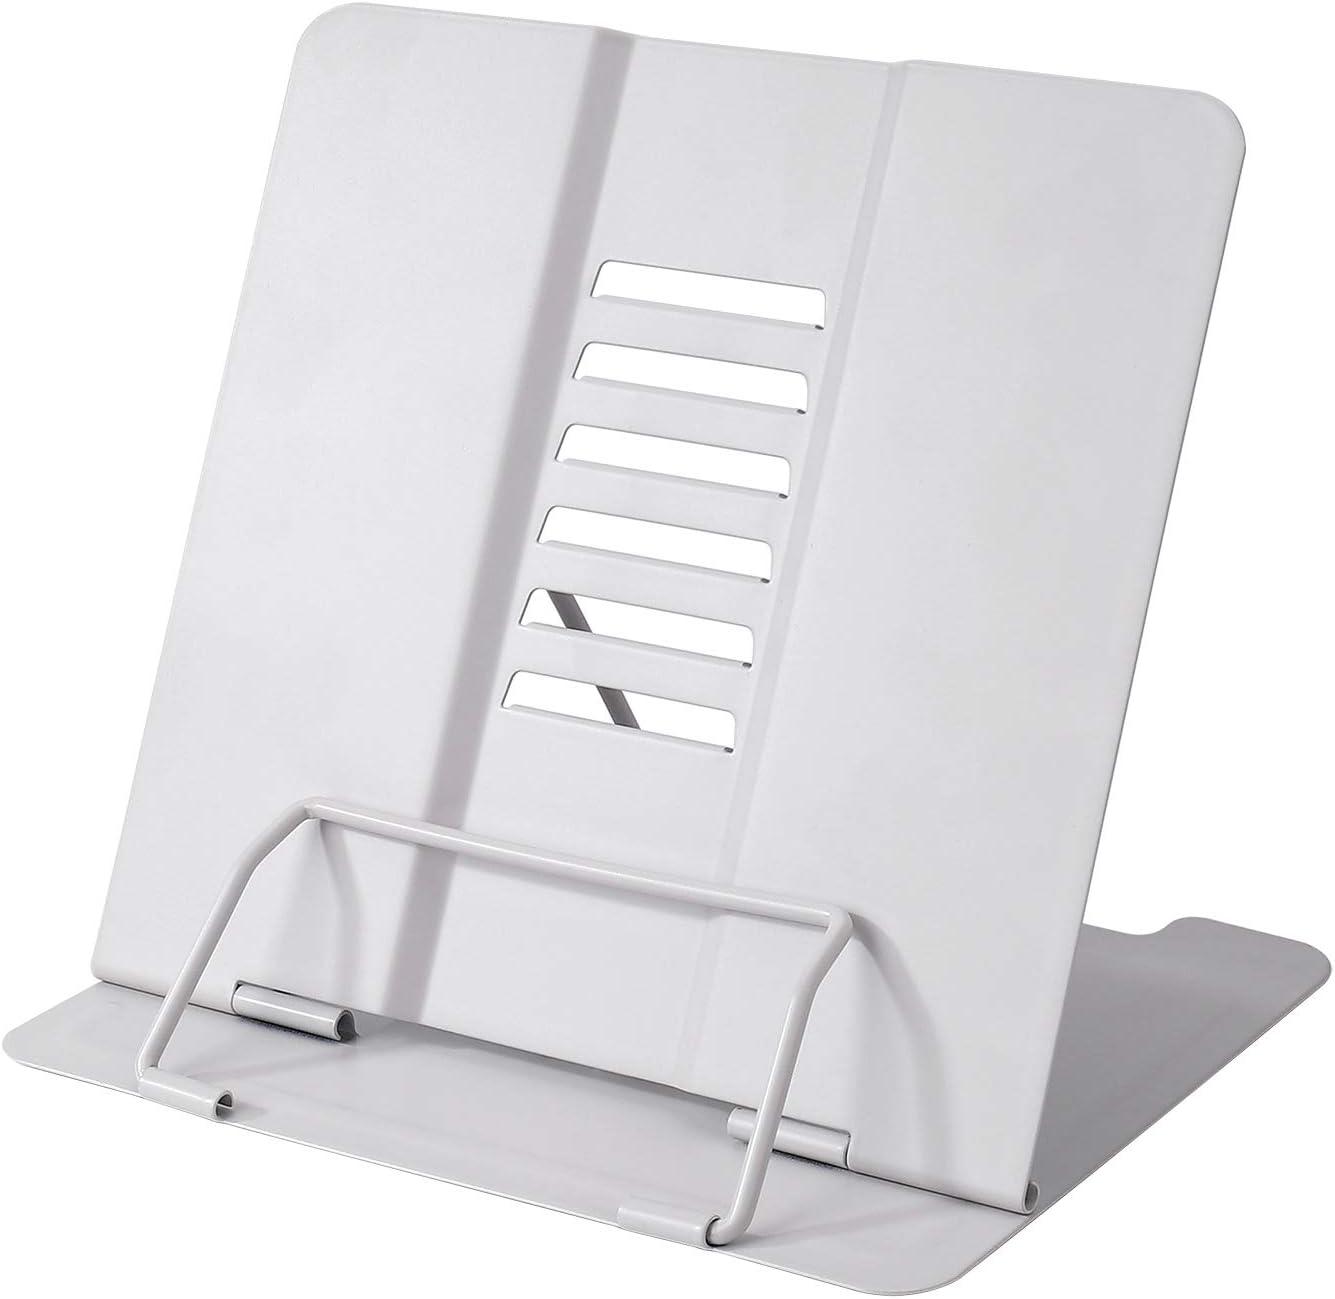 Soporte para Lectura de Libros de Cocina con 6 ángulos Ajustables y Clip de Papel, Estantes de Exhibición de Metal para Recetas, Libros de Texto, Documentos, Libros de Música